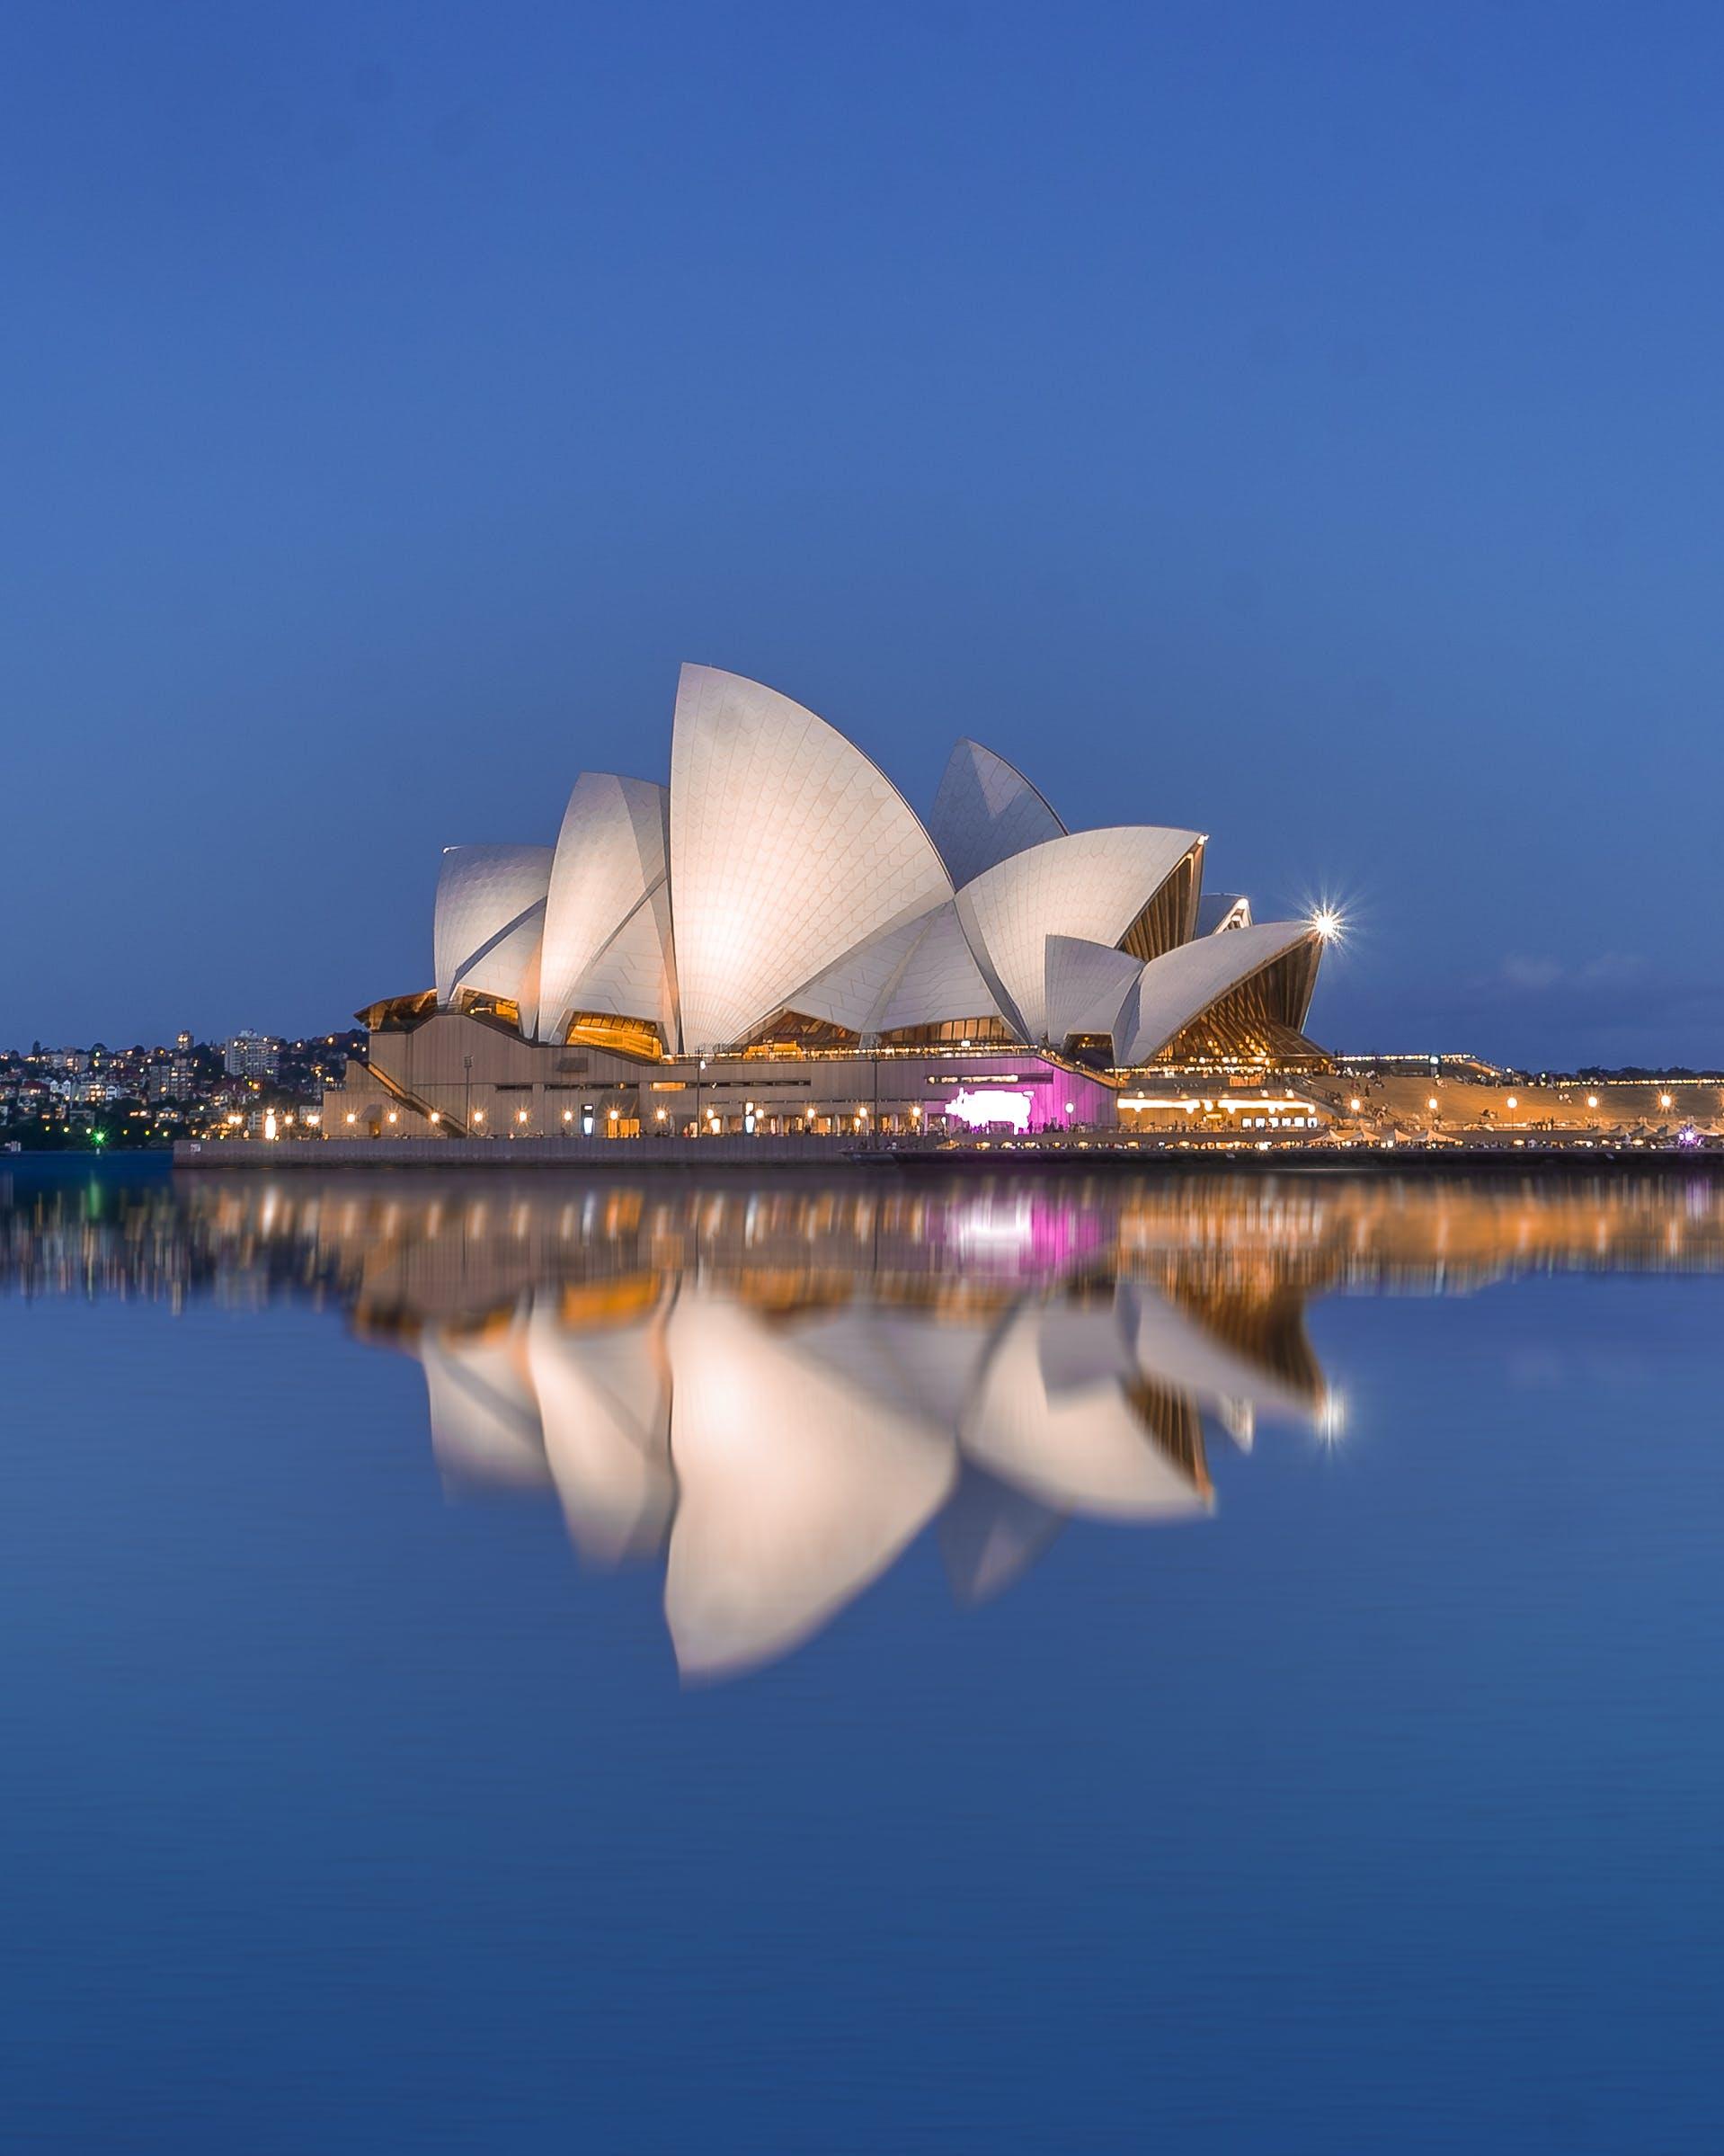 Fotos de stock gratuitas de atracción turística, Australia, céntrico, ciudad